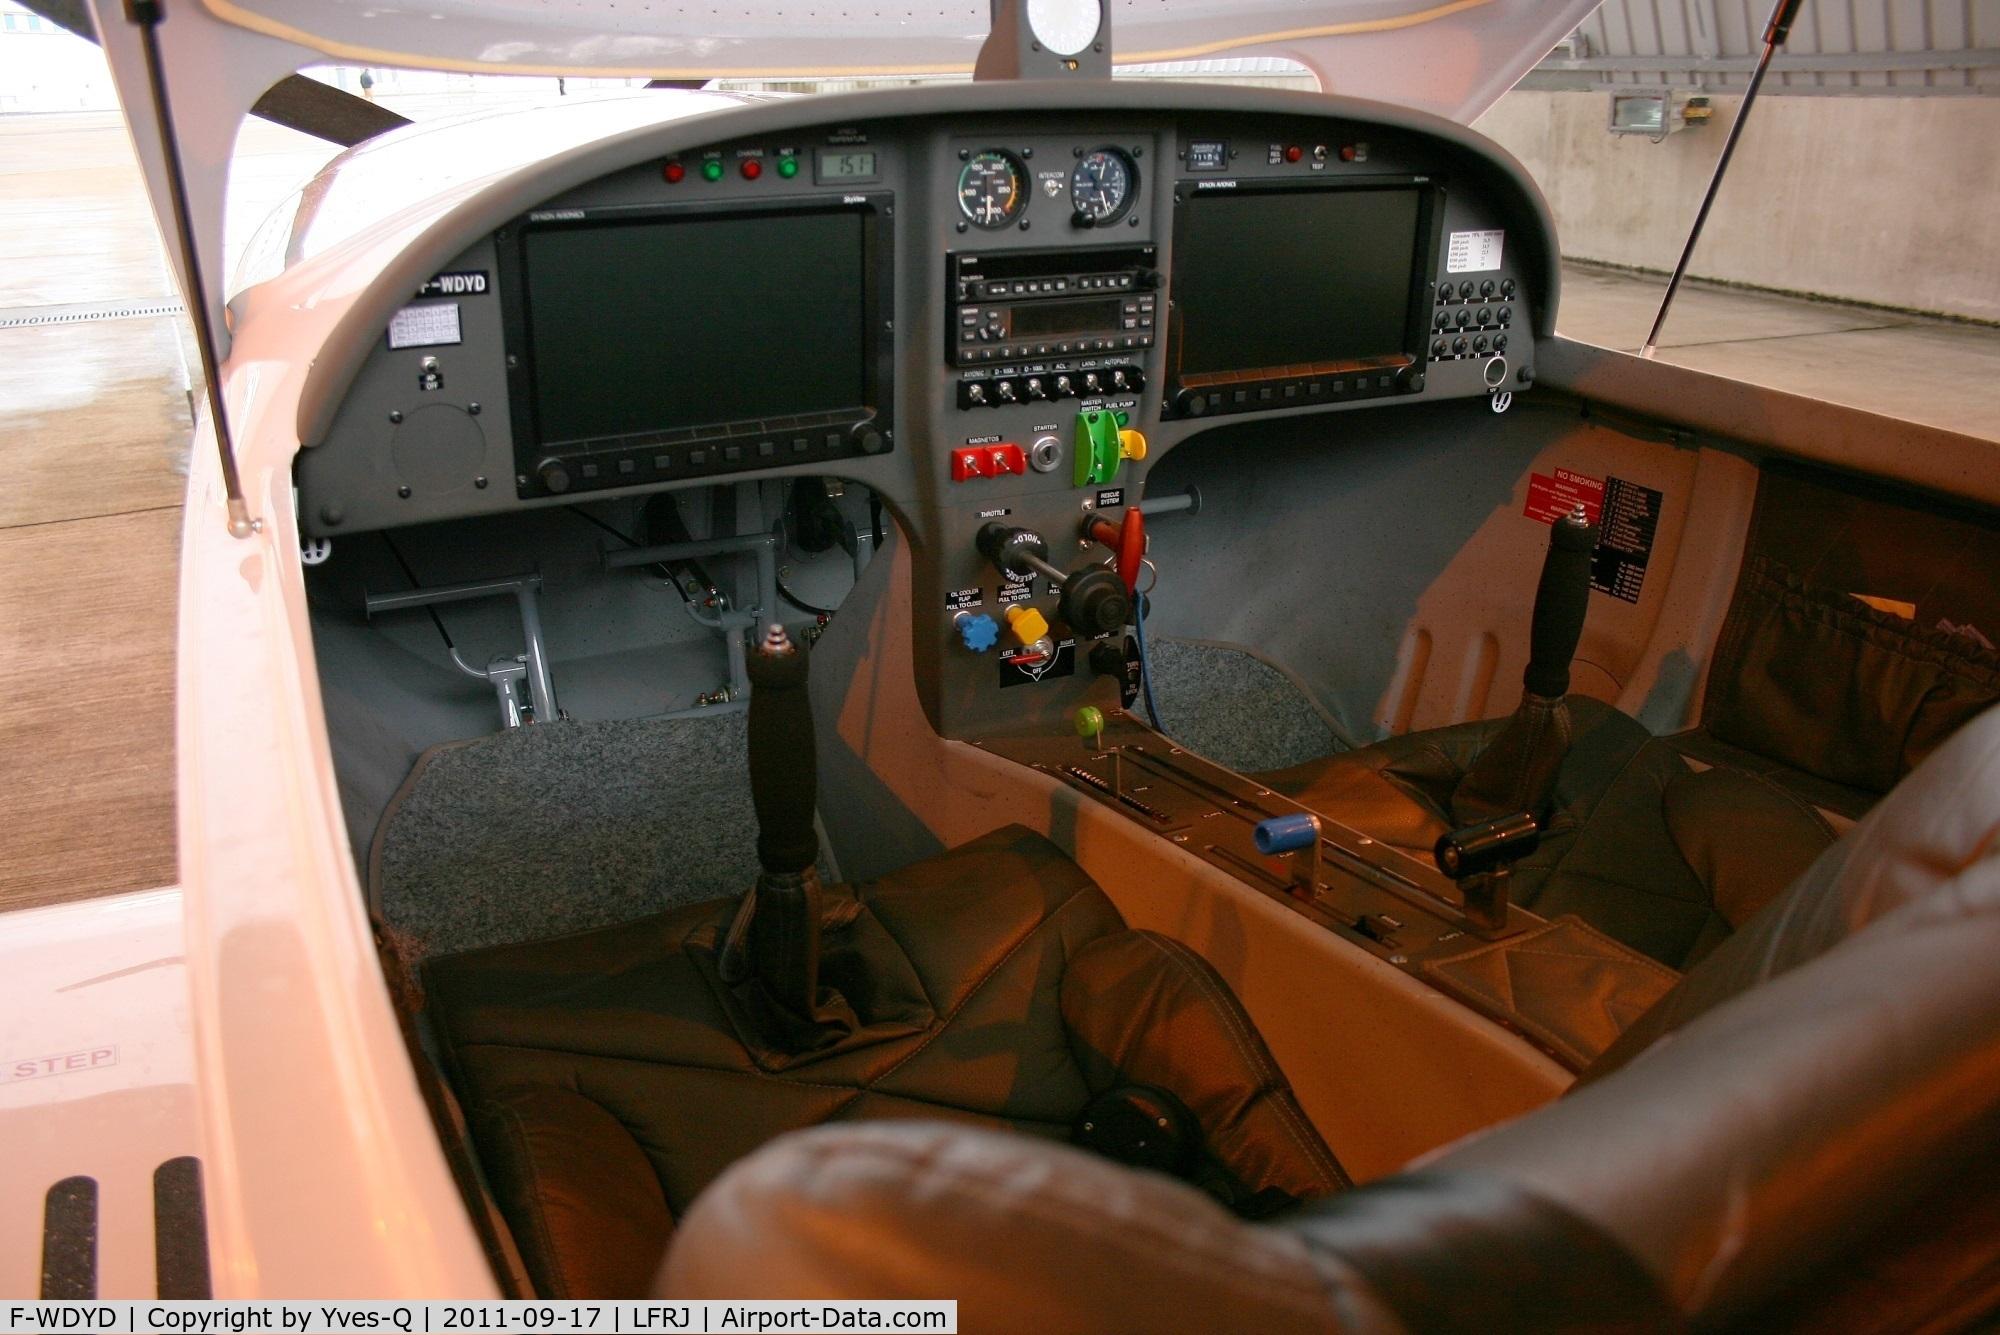 F-WDYD, 2000 Aerospool WT-9 Dynamic C/N DY377/2000, Aerospool Dynamic WT9 Dynamic, Landivisiau Naval Air Base (LFRJ) Heritage day 2011